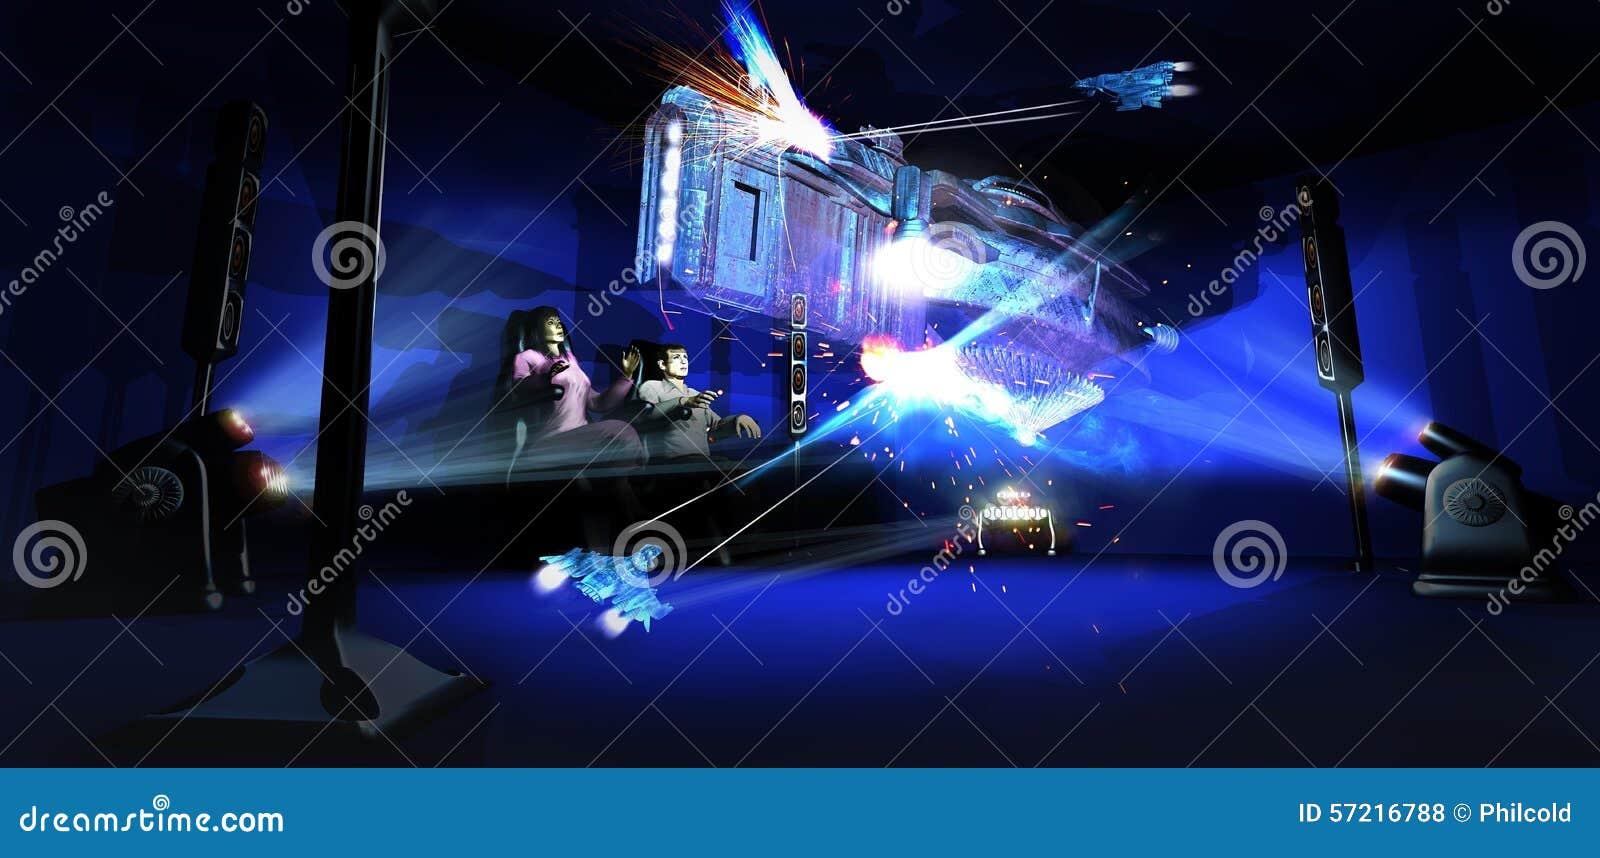 holographic cinema stock illustration image 57216788. Black Bedroom Furniture Sets. Home Design Ideas